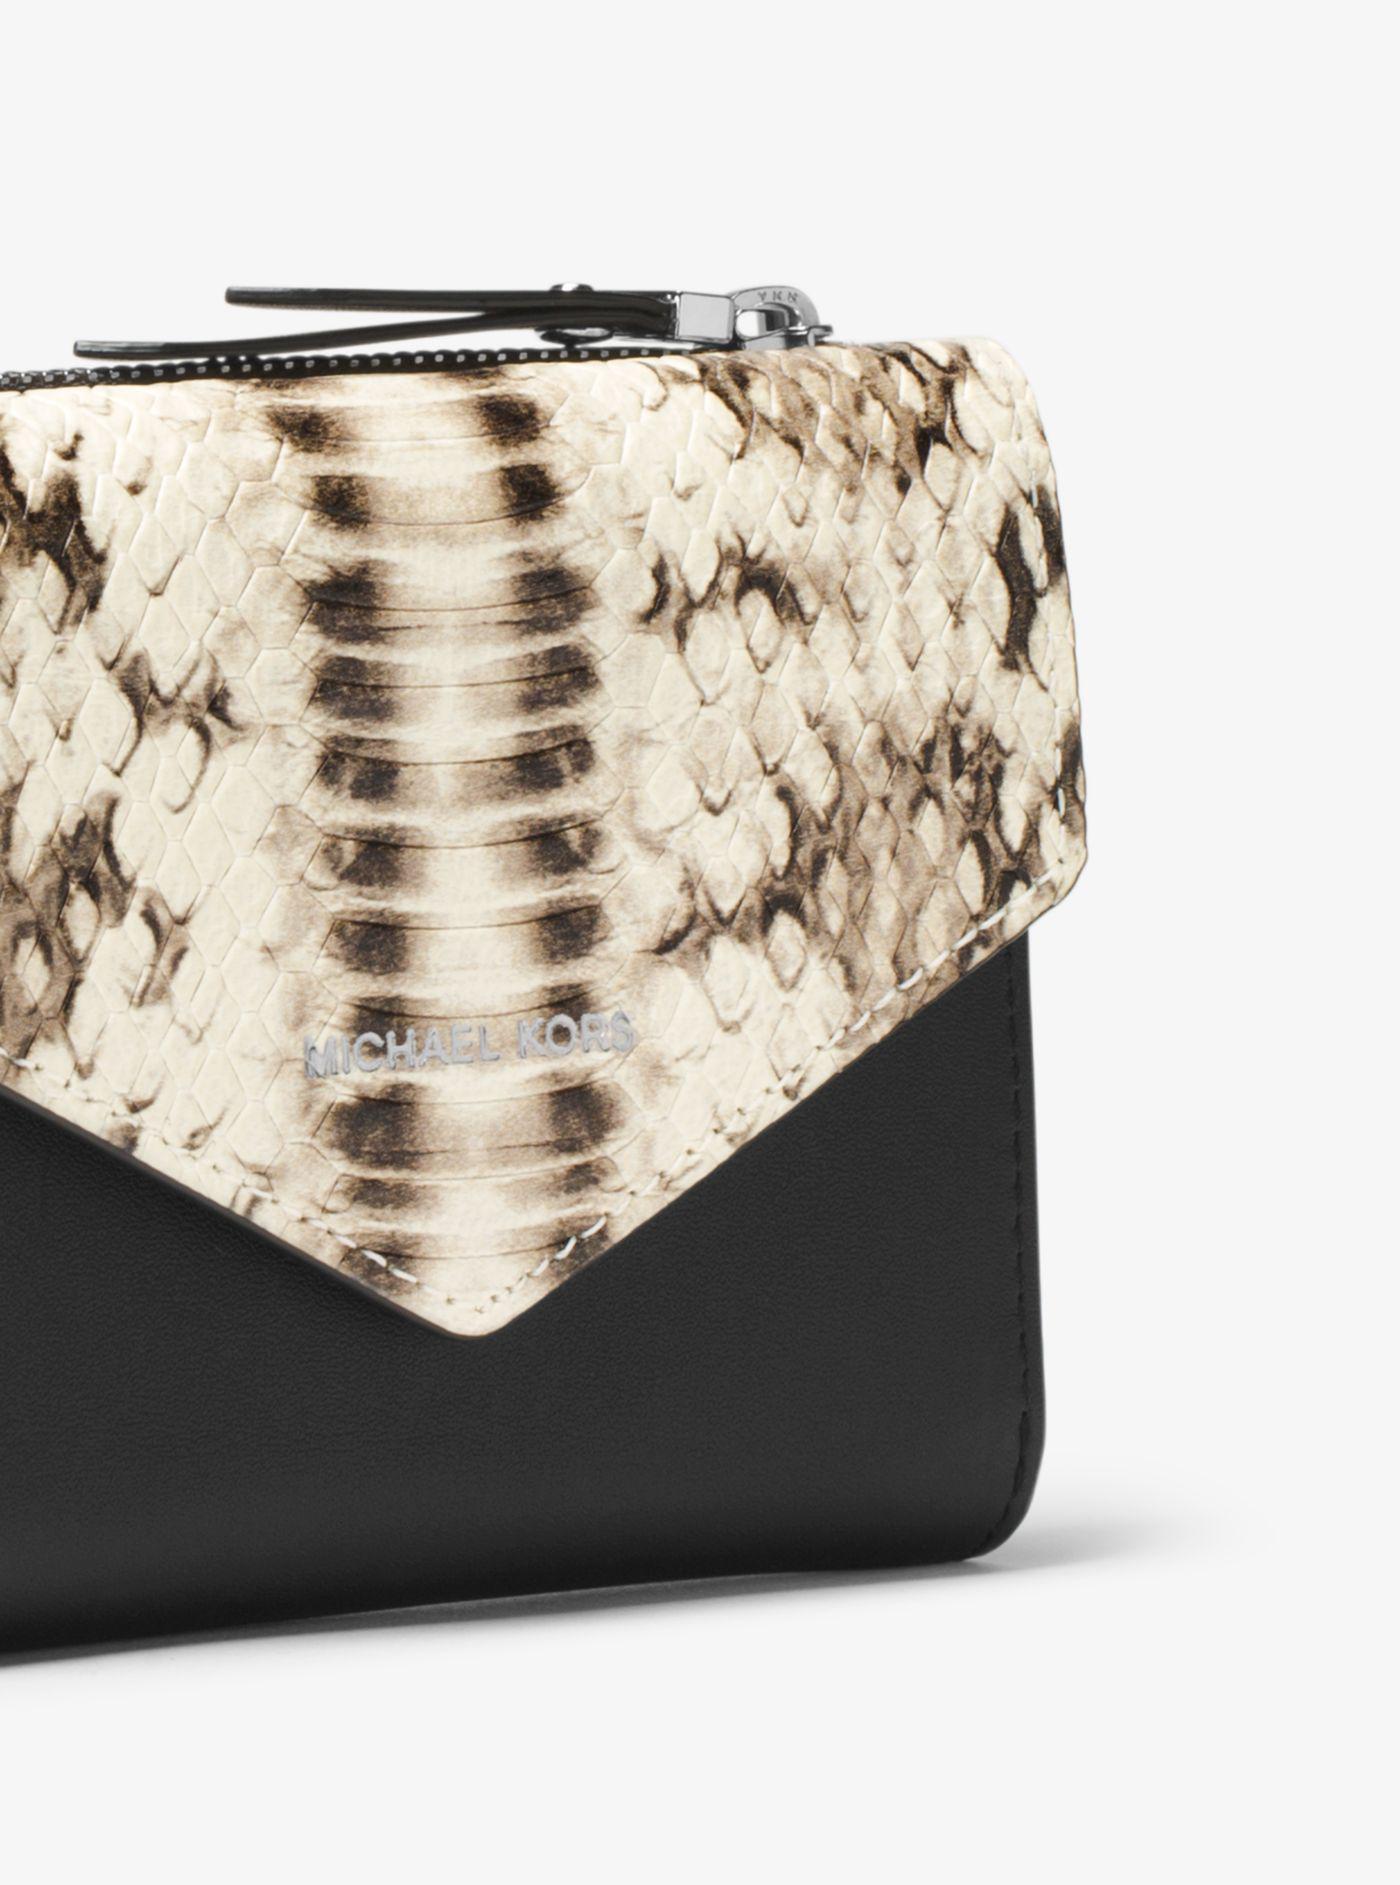 5b0f579e58781e Michael Kors Jet Set Small Embossed Leather Envelope Wallet in Black ...